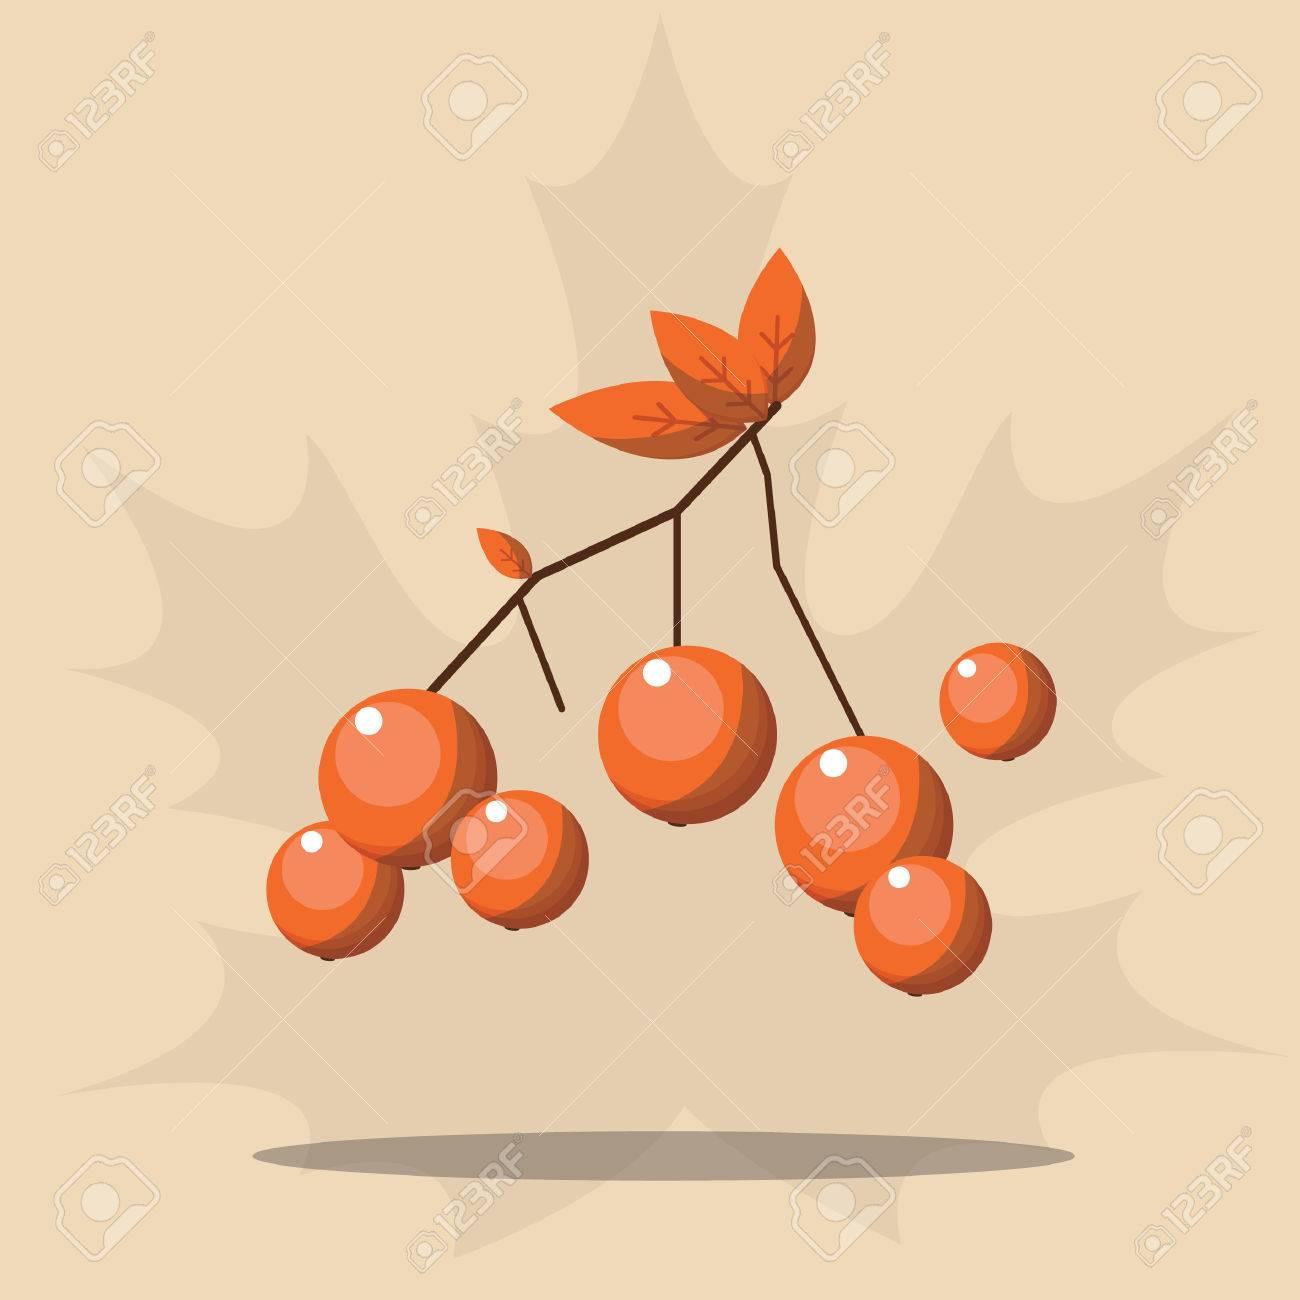 rowan fruit - 52589670